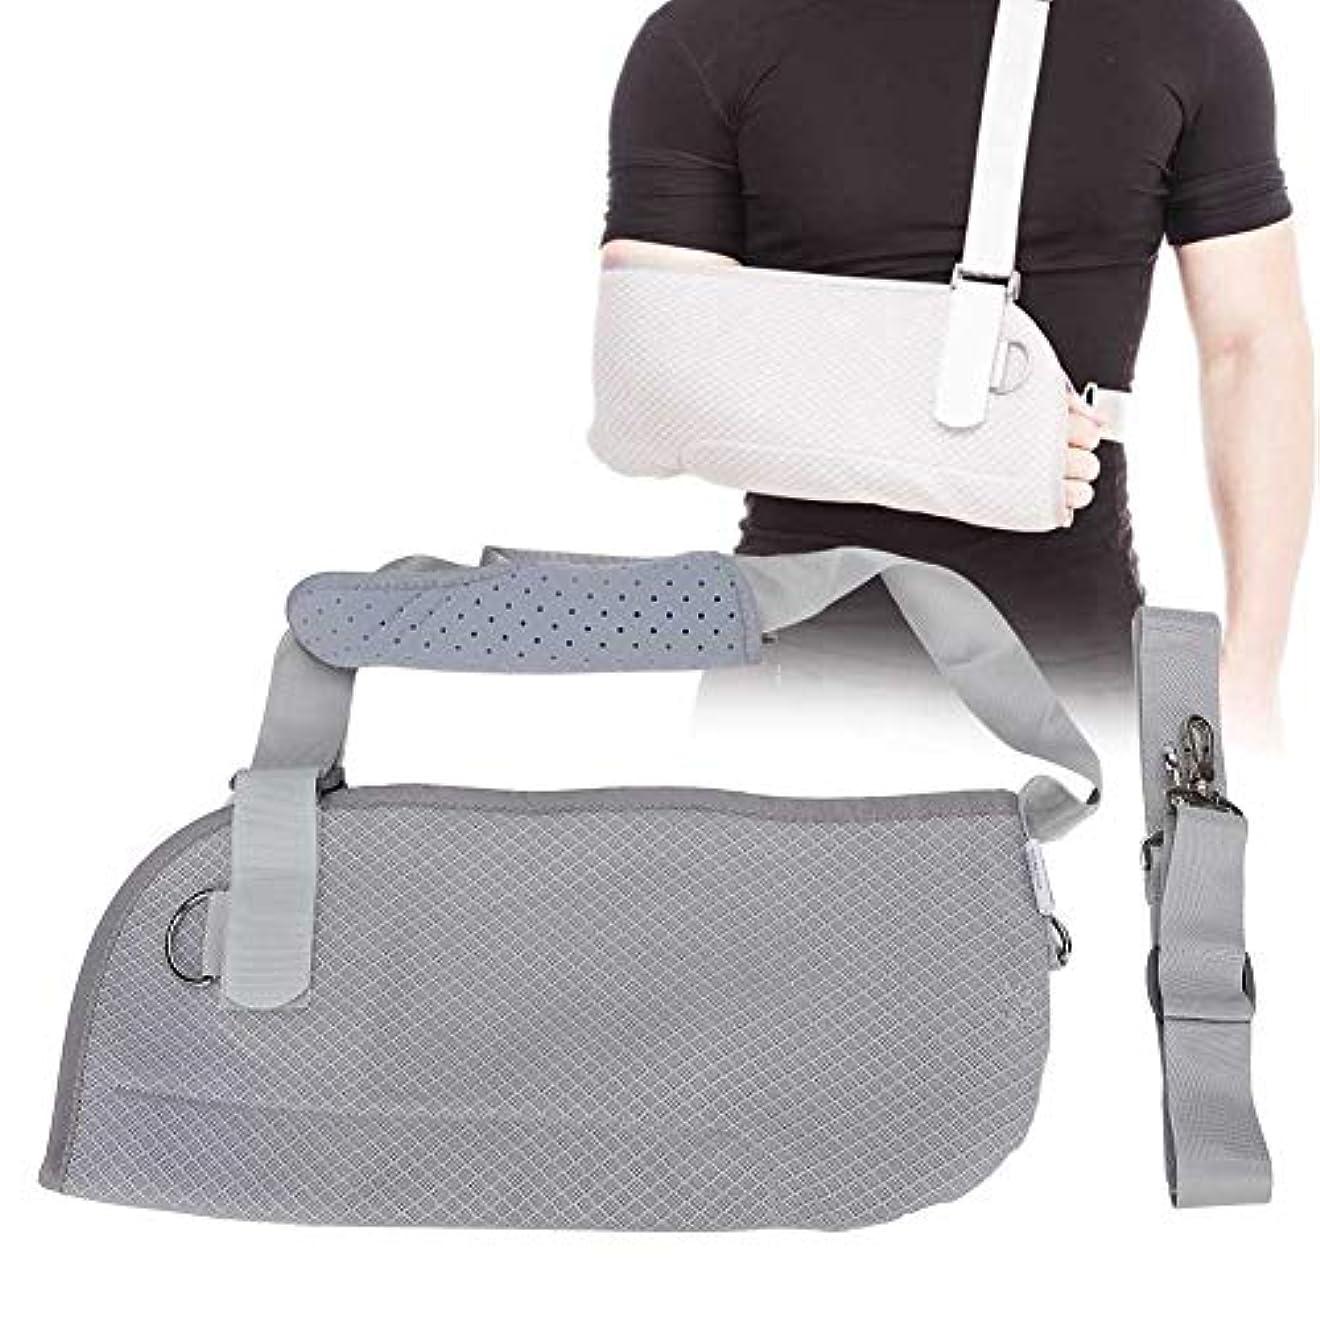 章サスティーンファシズム腕のスリング、調節可能な上腕装具、亜脱臼、脱臼、捻挫、手首の捻挫、前腕骨折治療